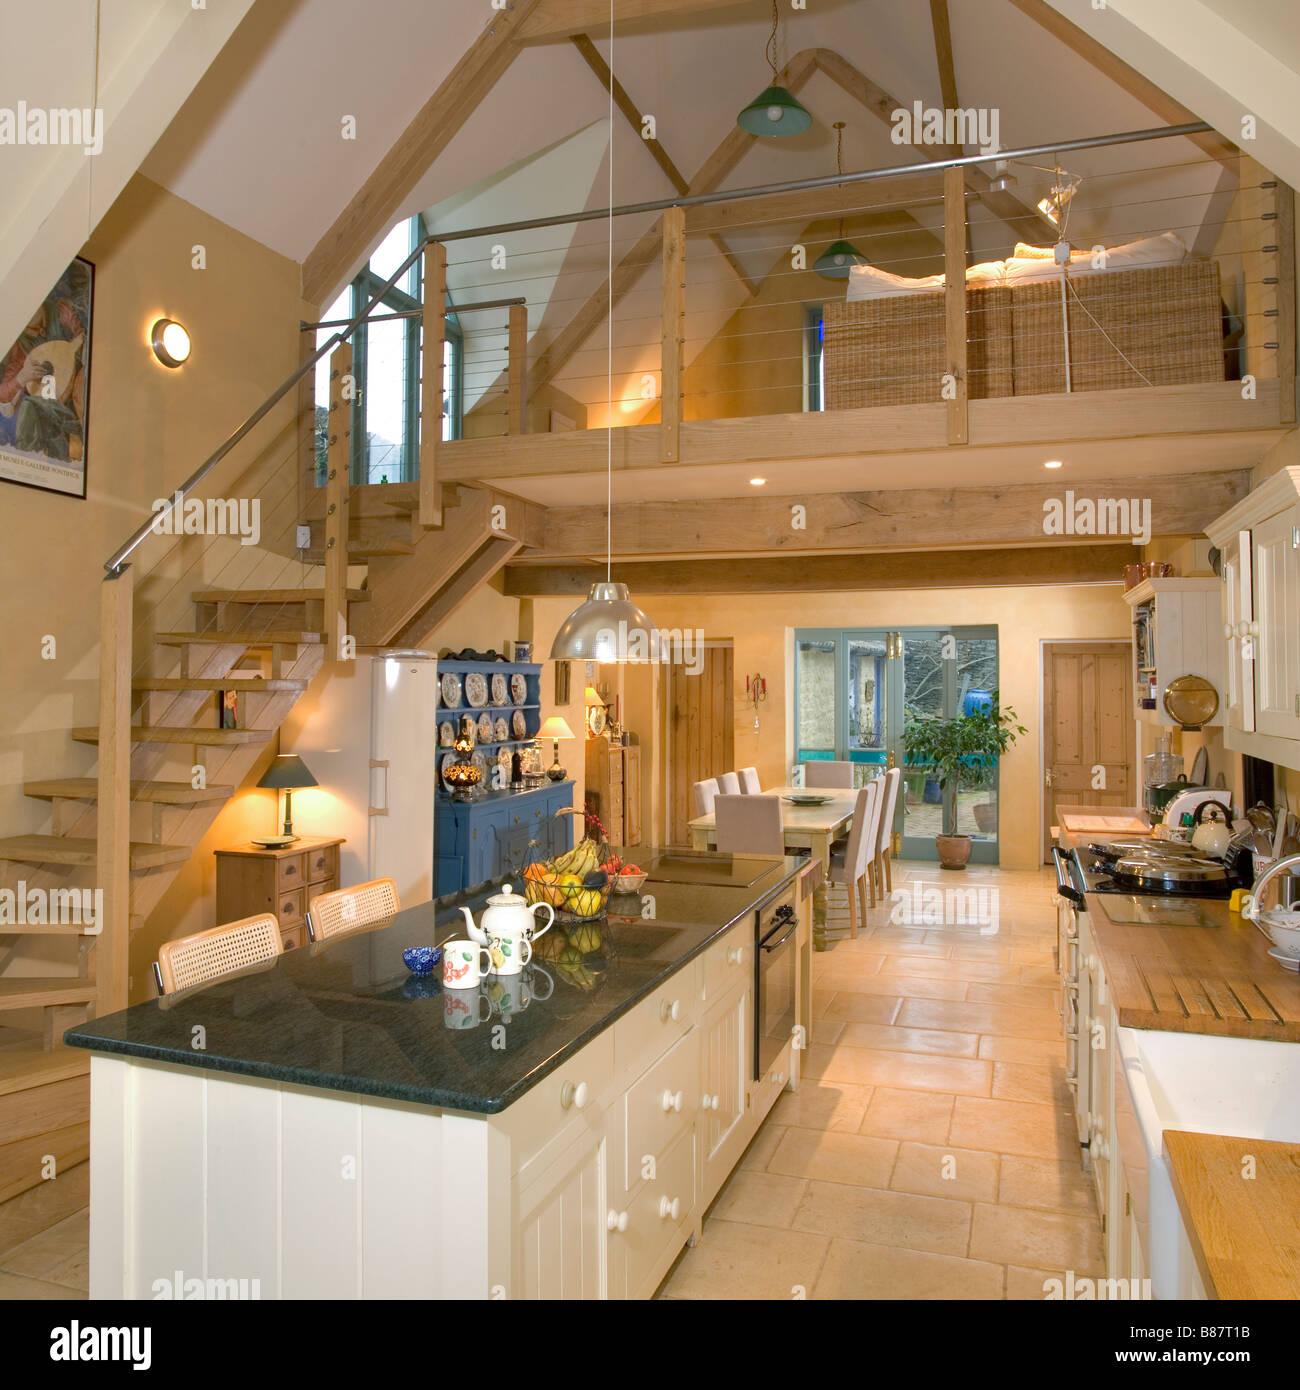 UK. Ein Haus, Inneneinrichtung, Küche Stockfoto, Bild